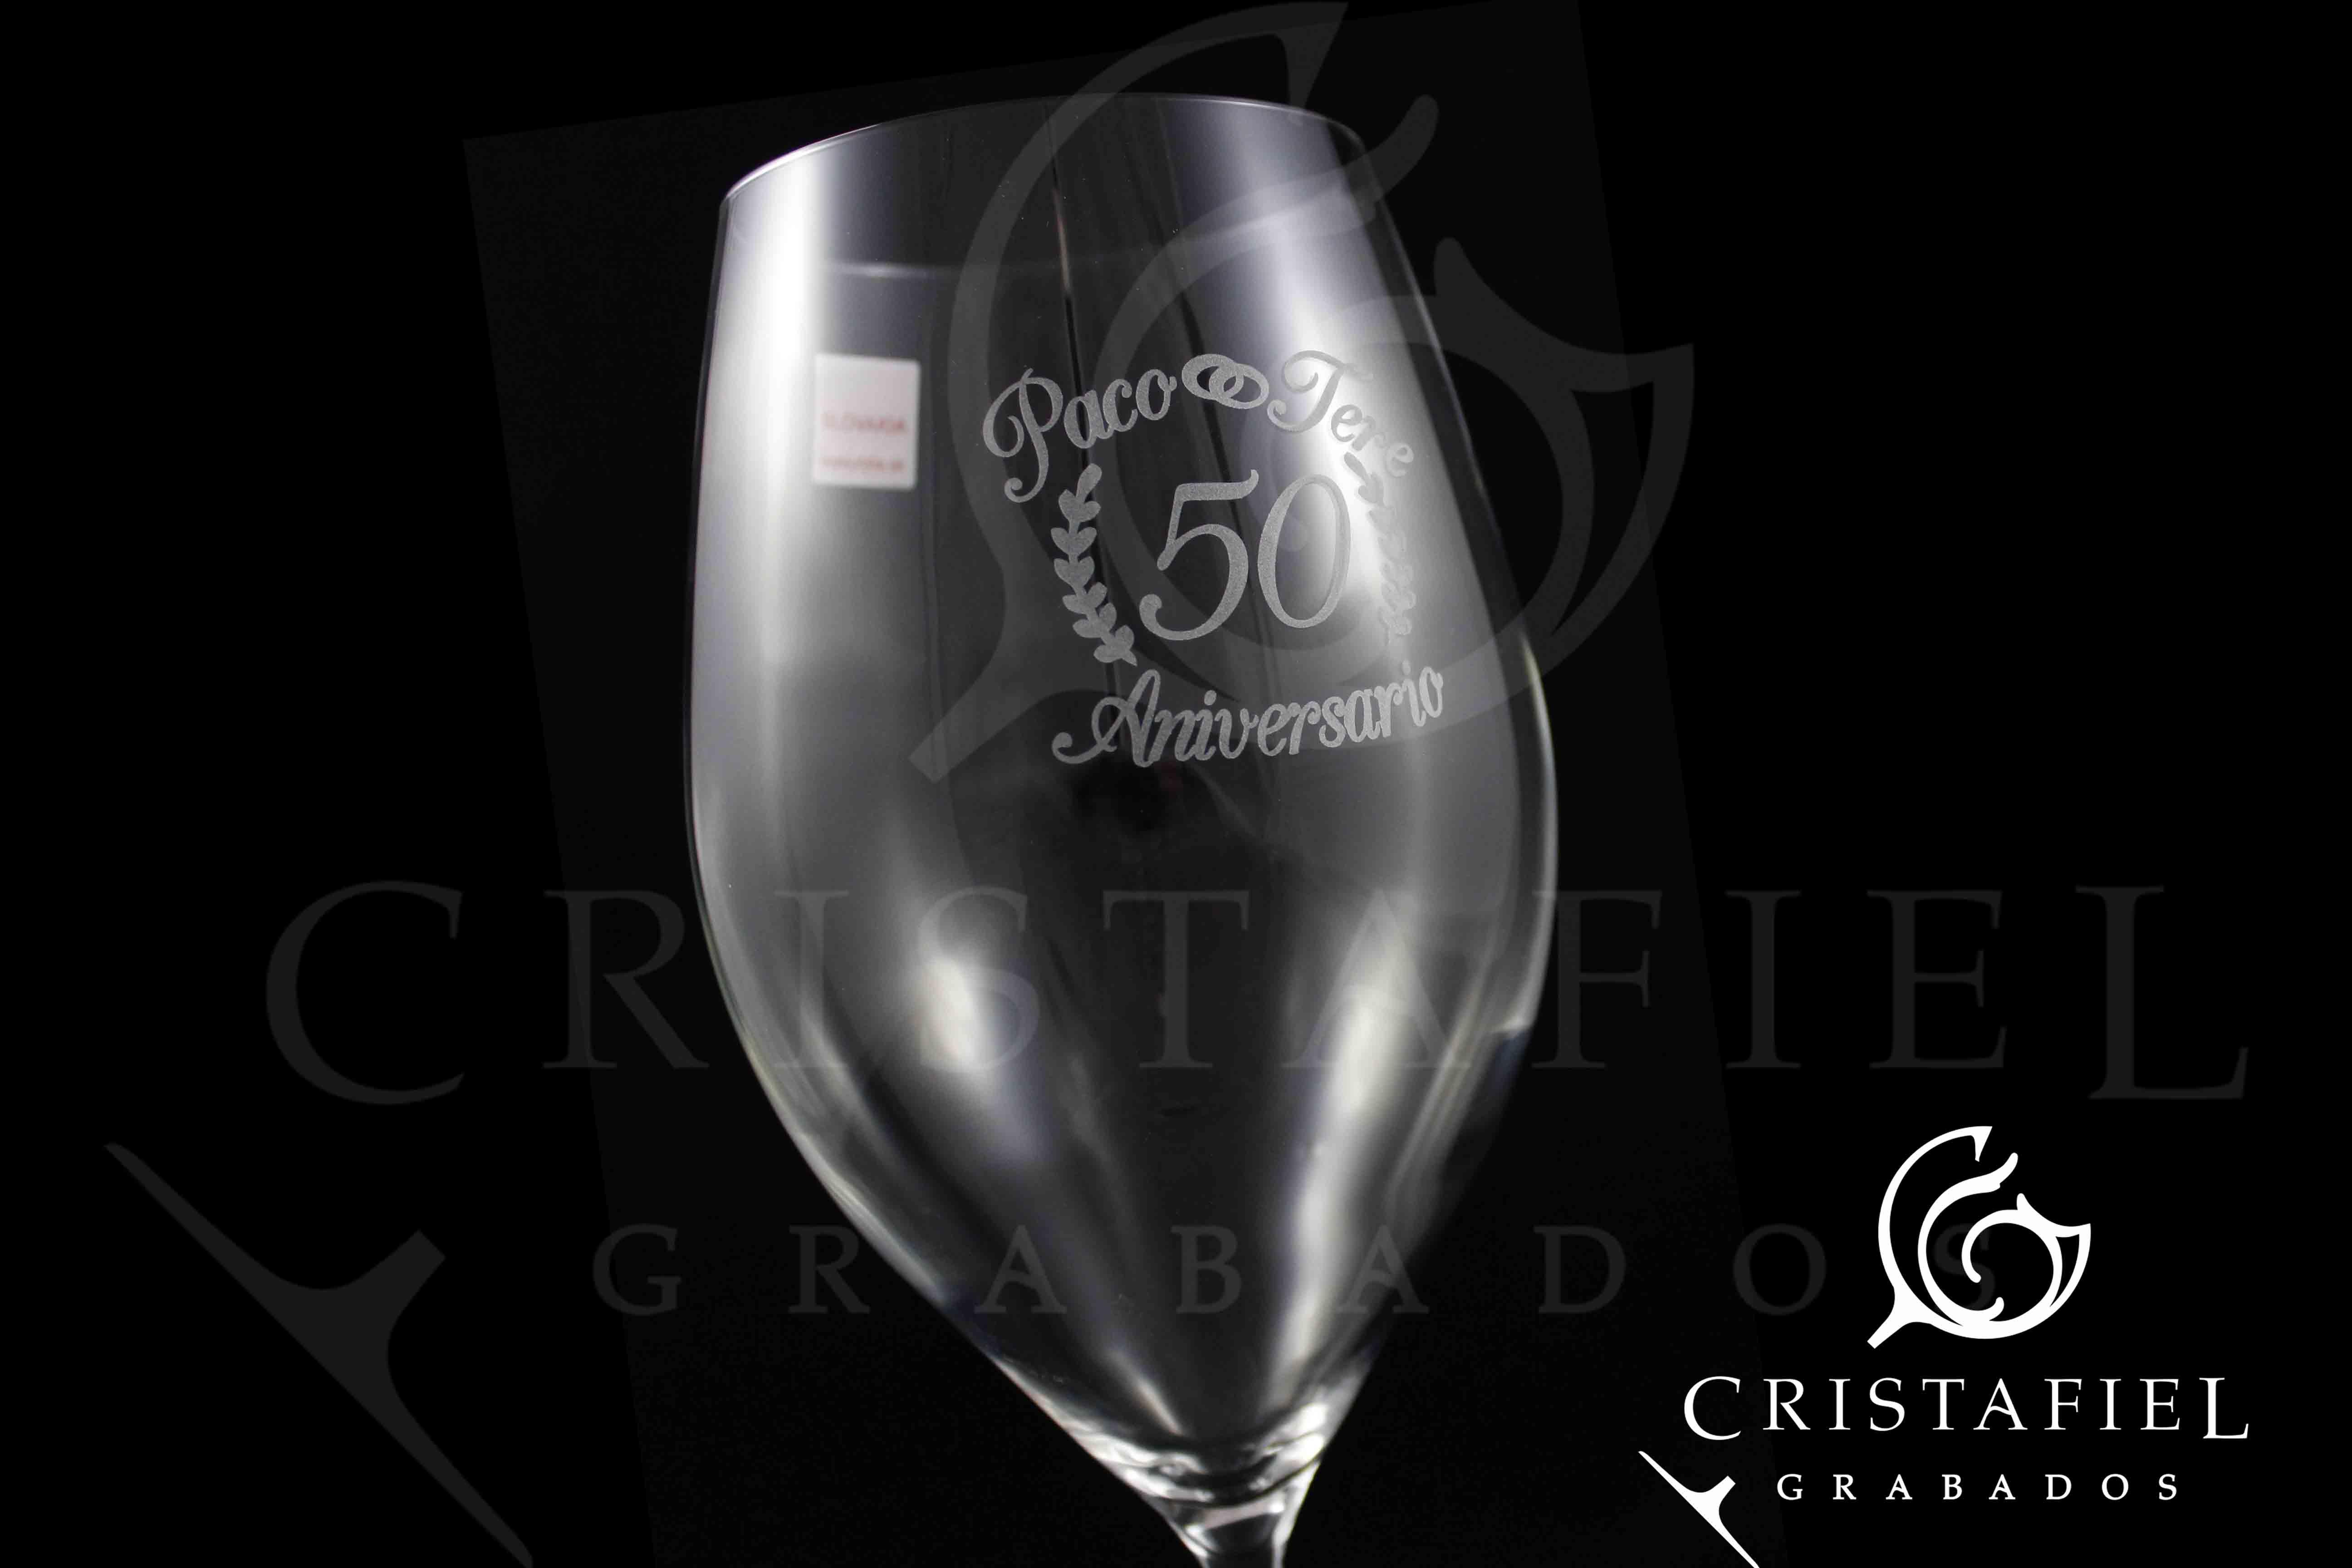 Regalo Aniversario Copas Grabadas Grabados Cristafiel